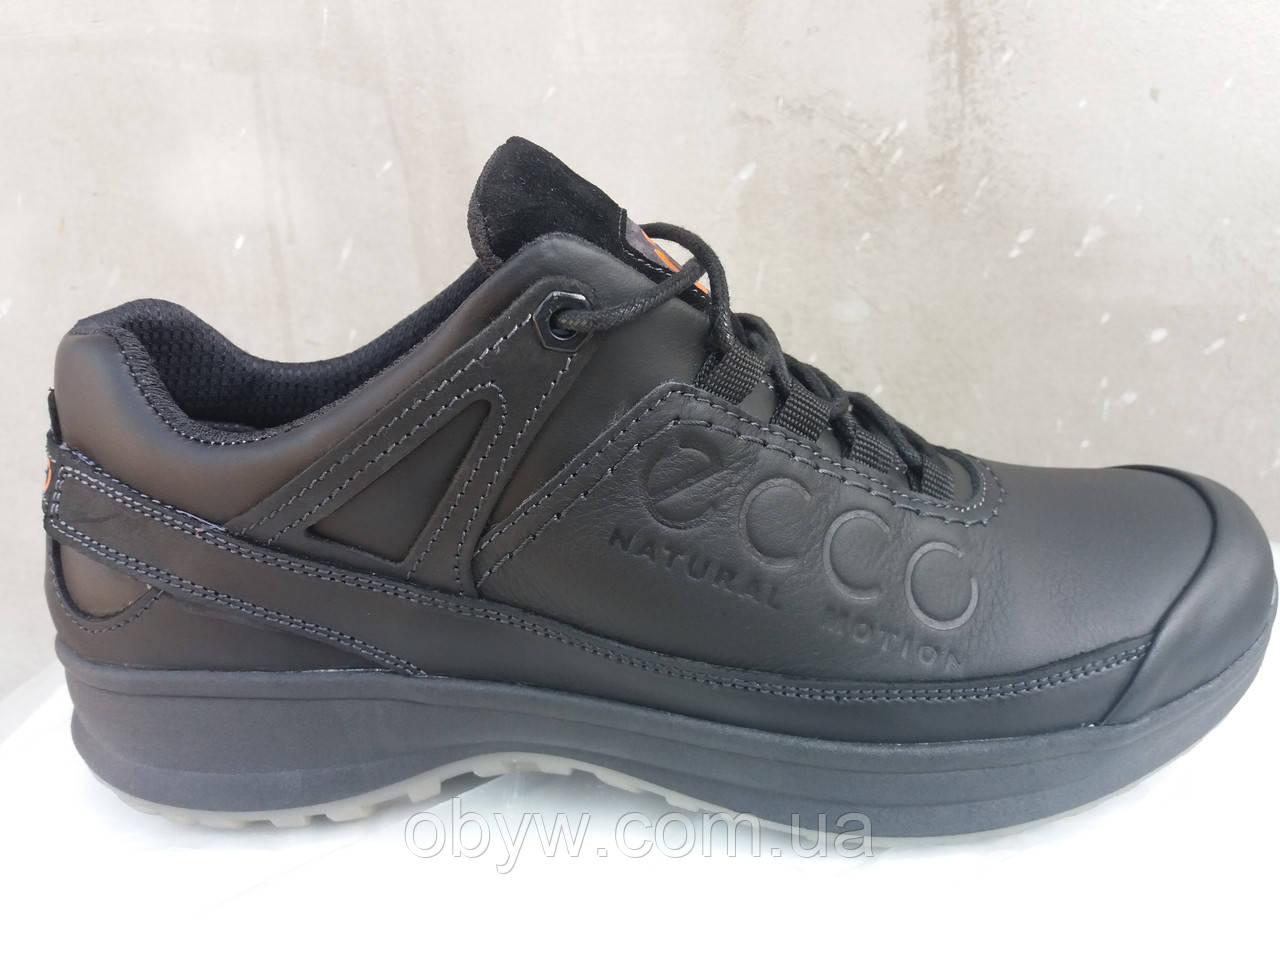 Кожаная обувь Ecco для мужчин - ОБУВЬ КУРТКИ В НАЛИЧИИ И ЦЕНЫ АКТУАЛЬНЫ в  Днепре 0f3381bce13